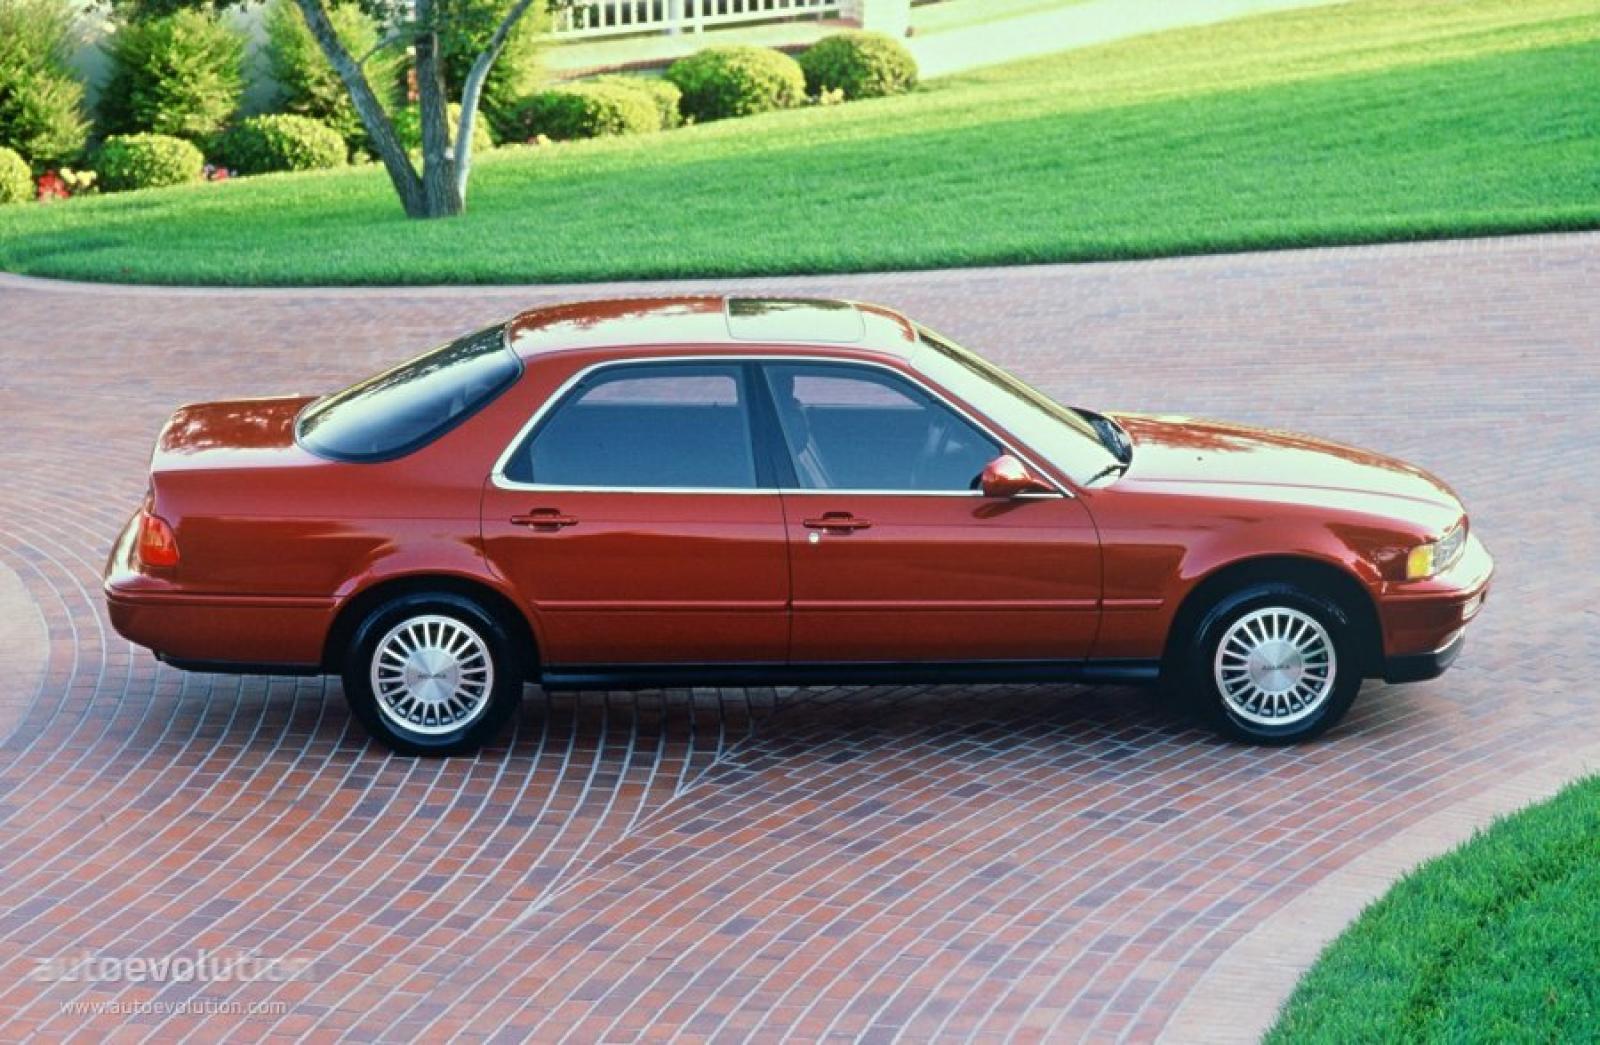 1990 Acura Legend >> 1990 Acura Legend 1600px Image 8